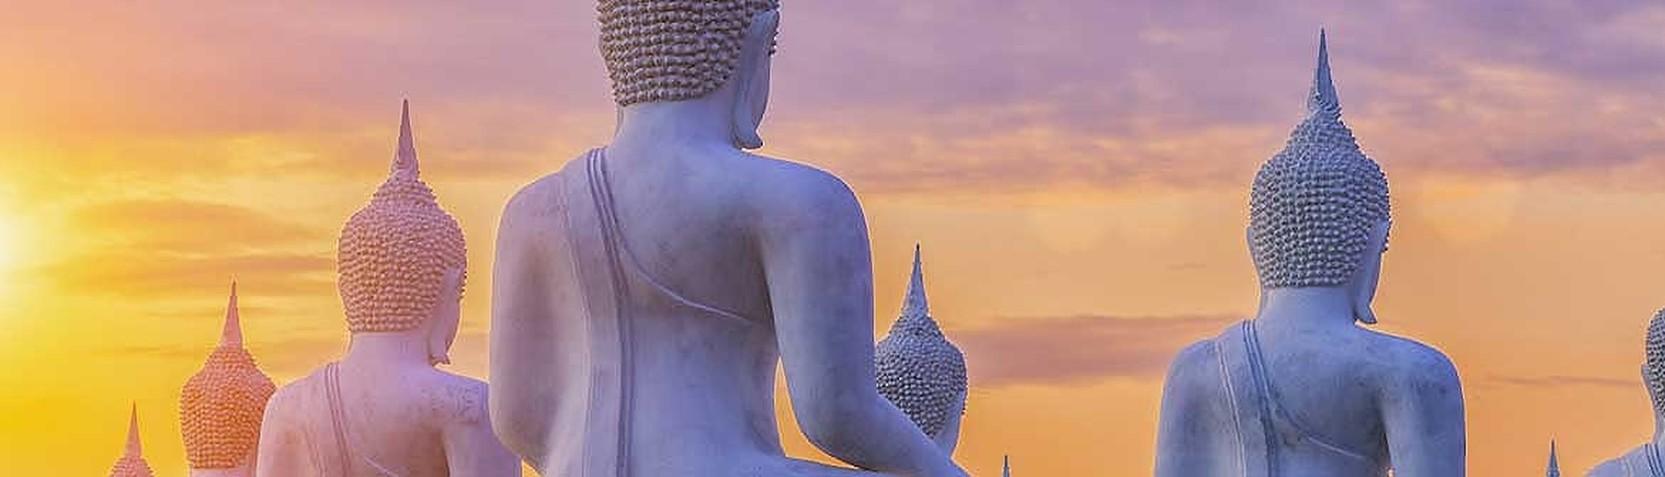 Fotografia - Religione e spiritualità